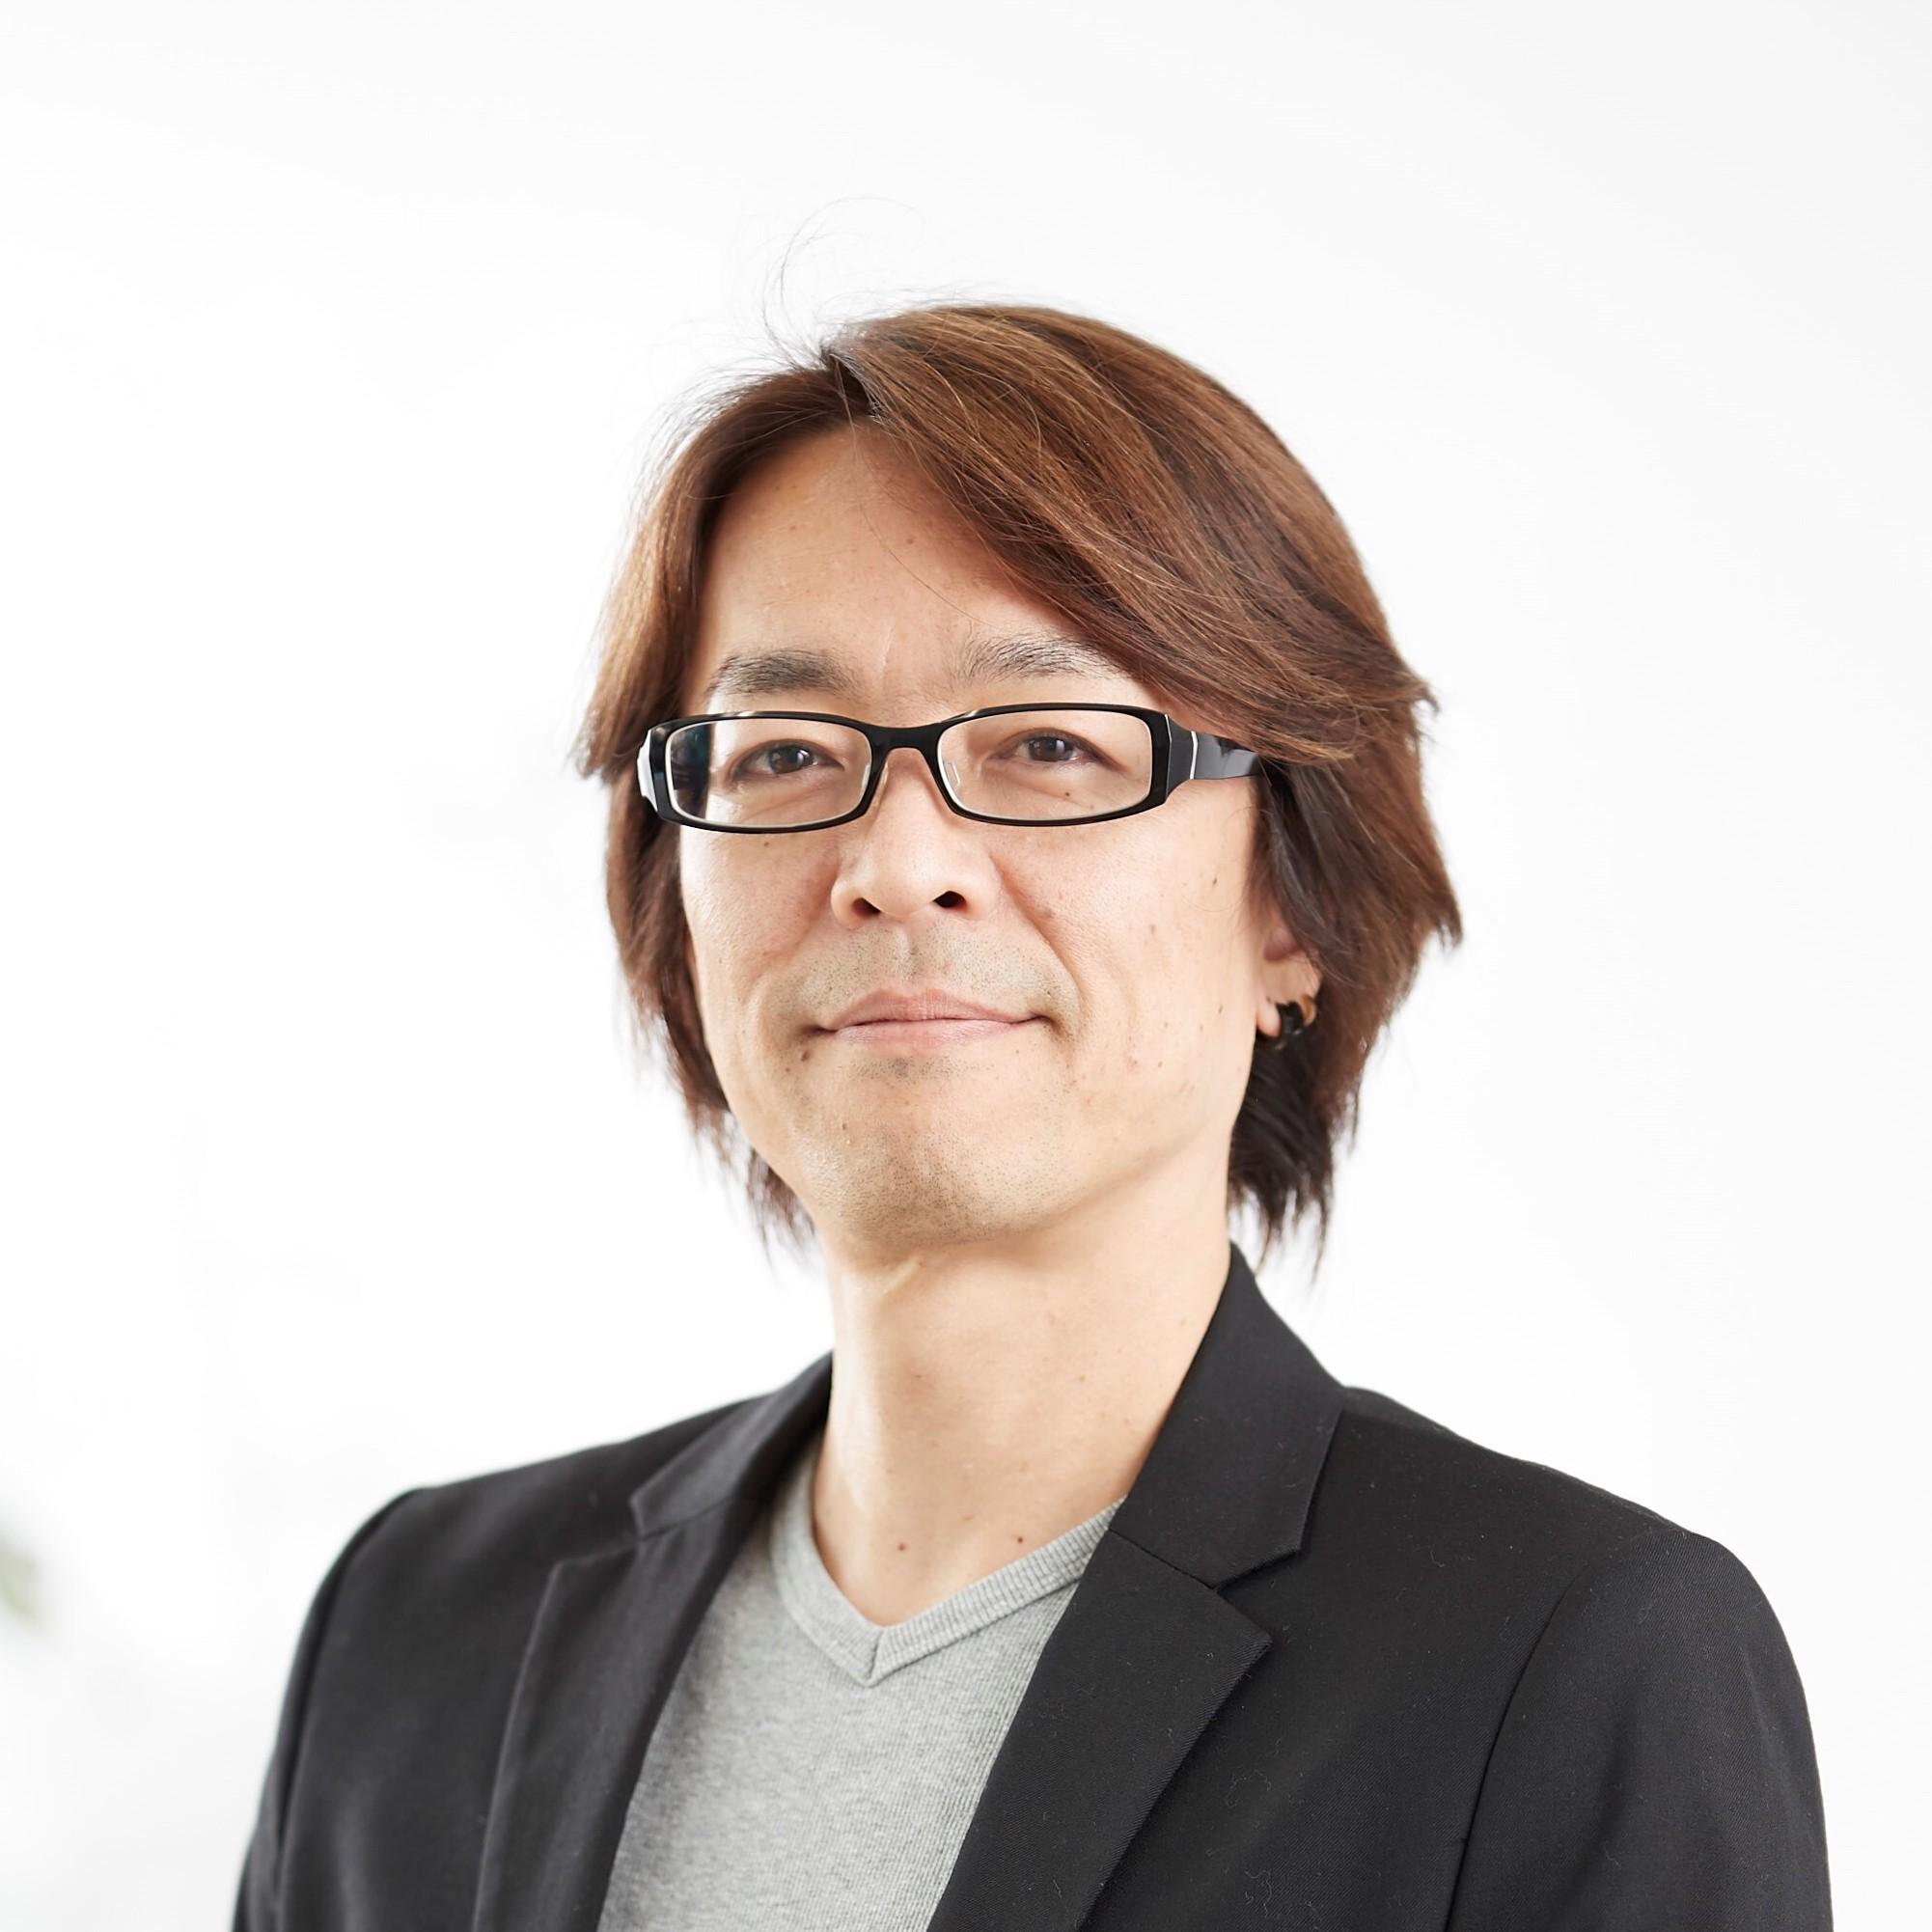 佐藤ニール(コインチェック株式会社執行役員VP of Engineering)